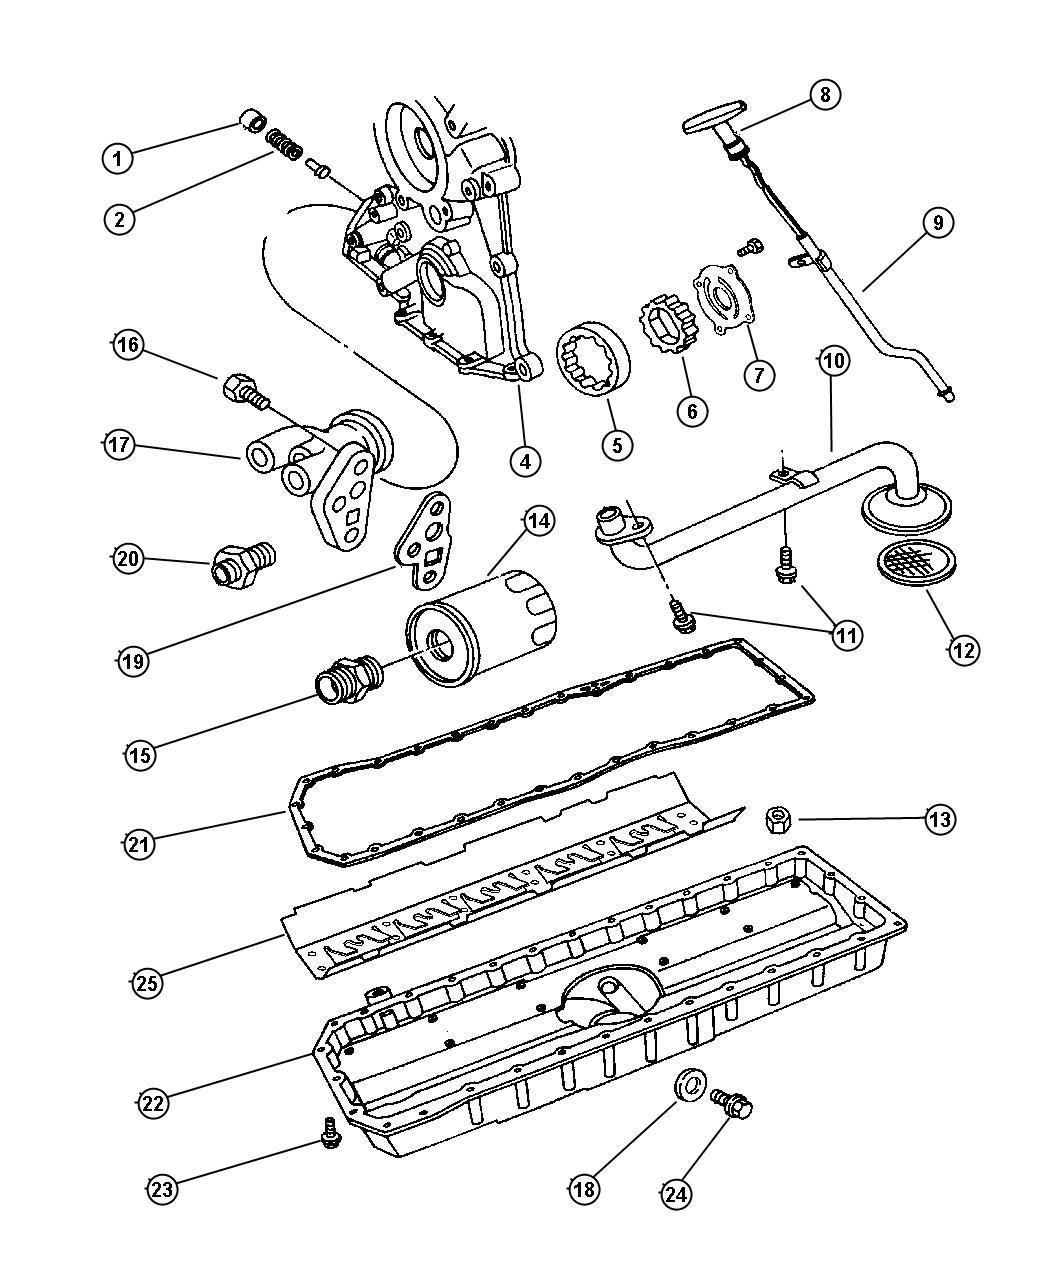 2002 Dodge Viper Adapter. Oil filter. Adapter, oil filter